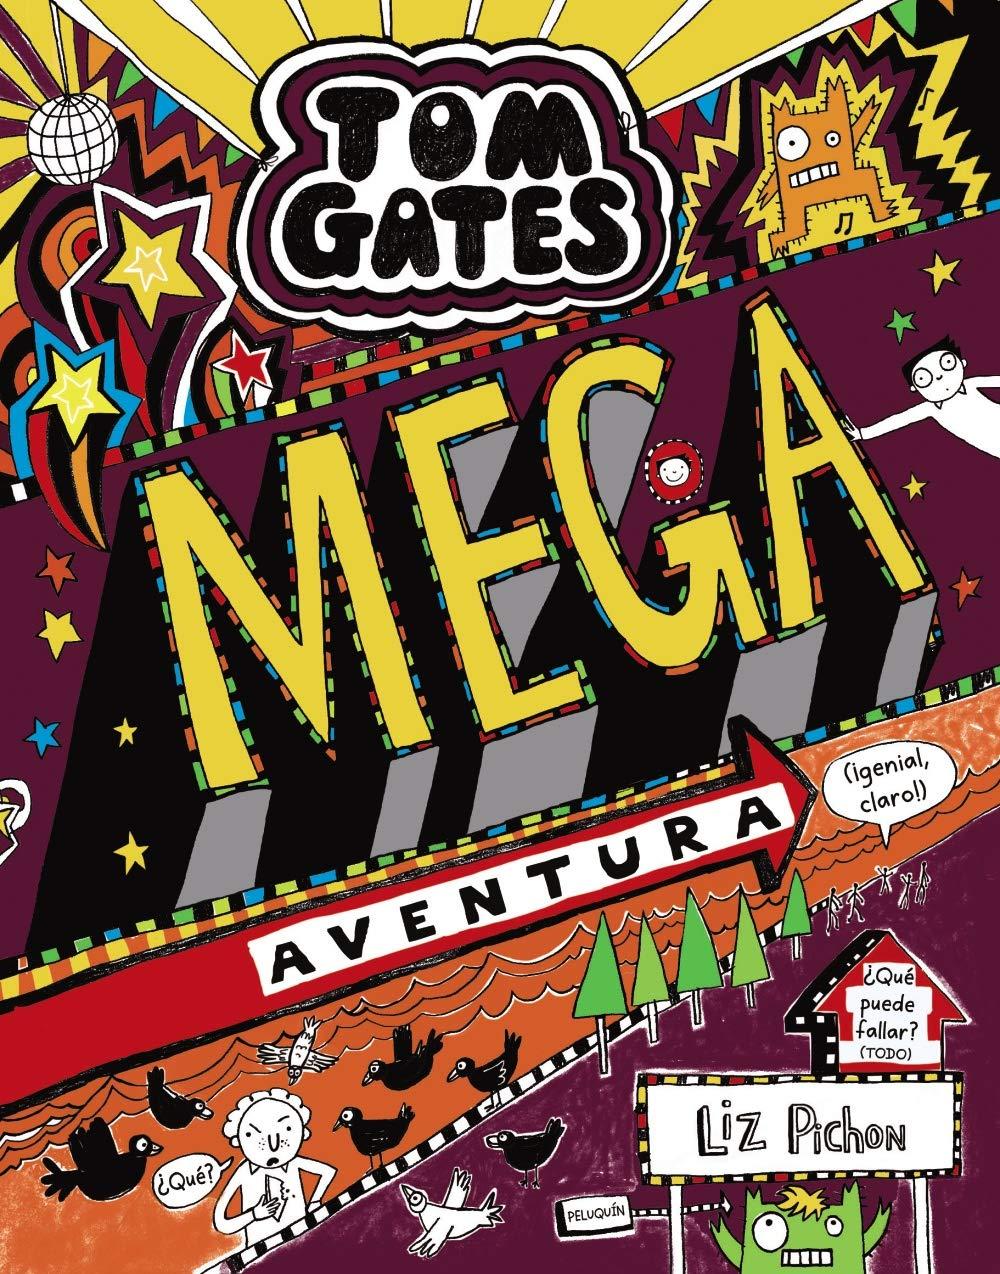 Tom Gates: Mega aventura ¡genial, claro! Castellano - A Partir De 10 Años -  Personajes Y Series - Tom Gates: Amazon.es: Liz Pichon, Daniel Cortés  Coronas: ...